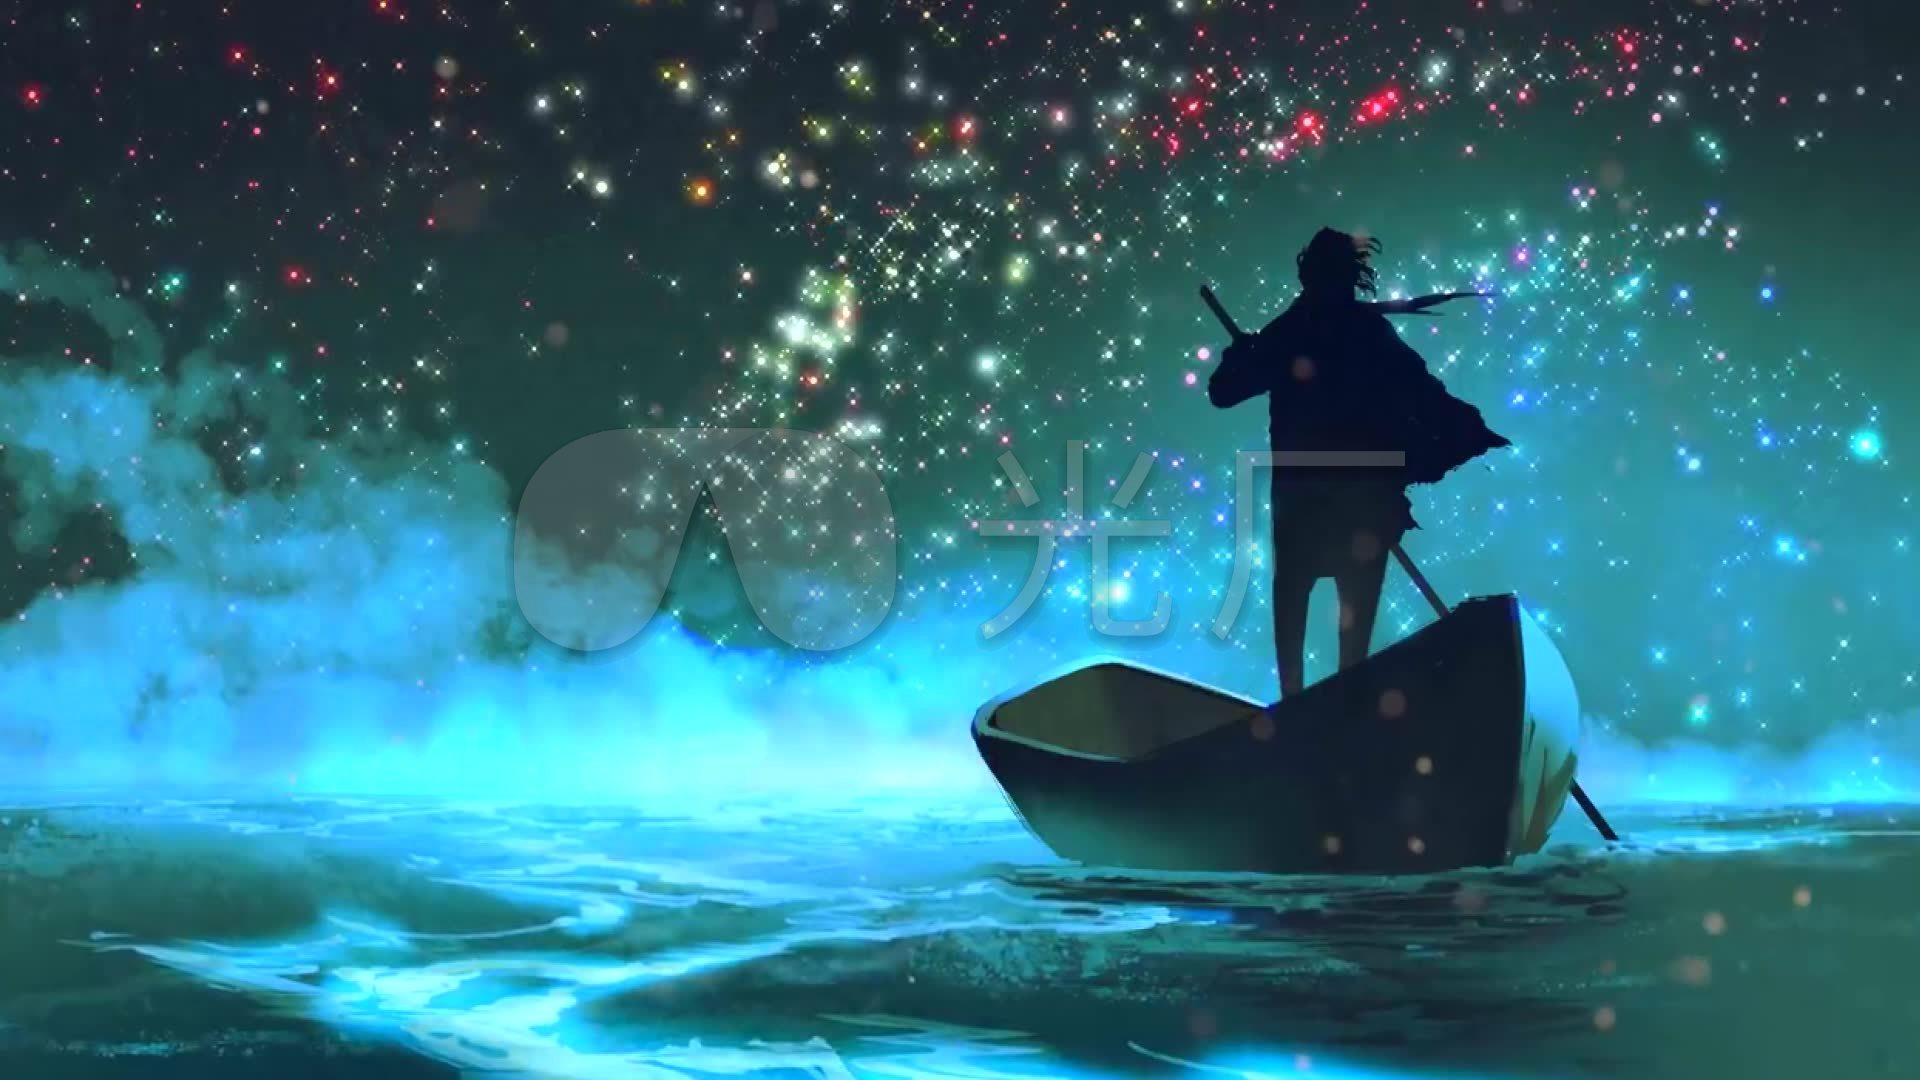 大海星空船背影-意境